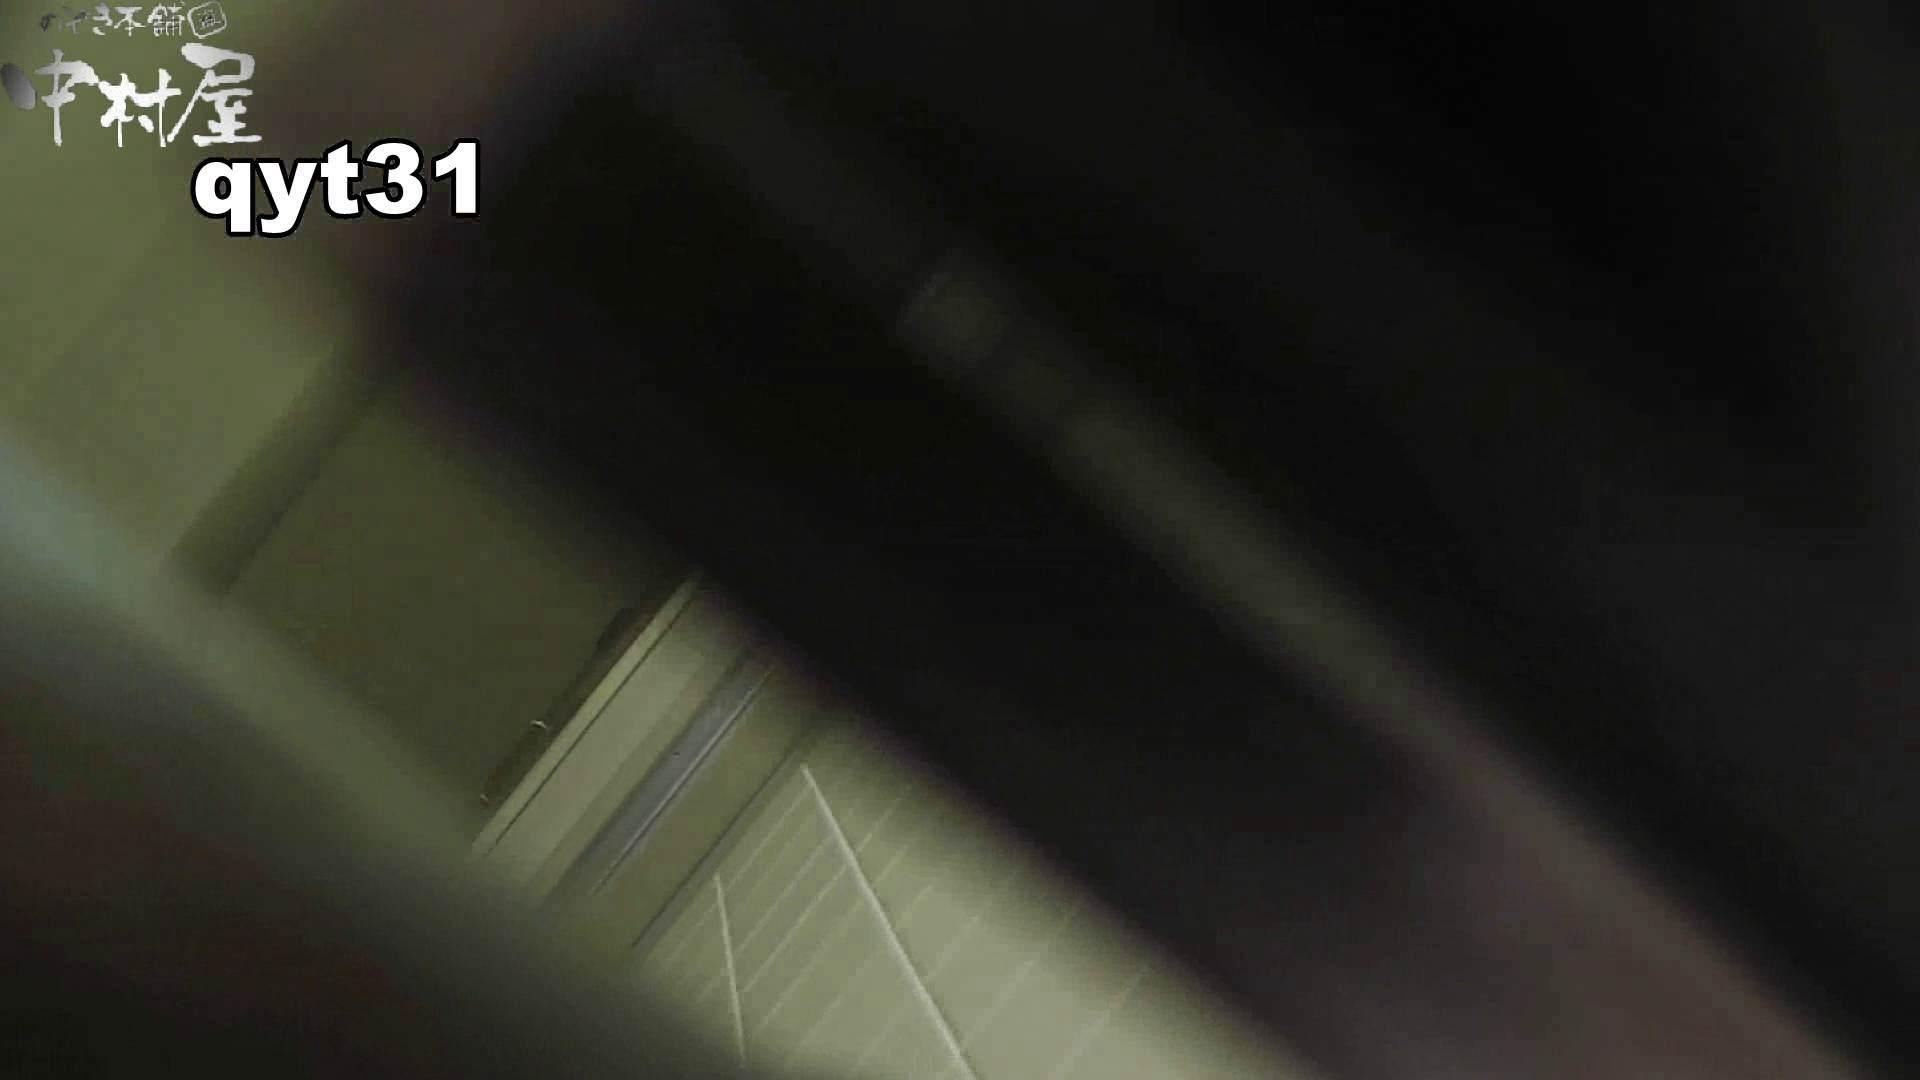 【お銀さんの「洗面所突入レポート!!」】お銀さんの「洗面所突入レポート!!」 vol.31 Σ(||゚Д゚)ヒィ~!! 洗面所  71枚 28